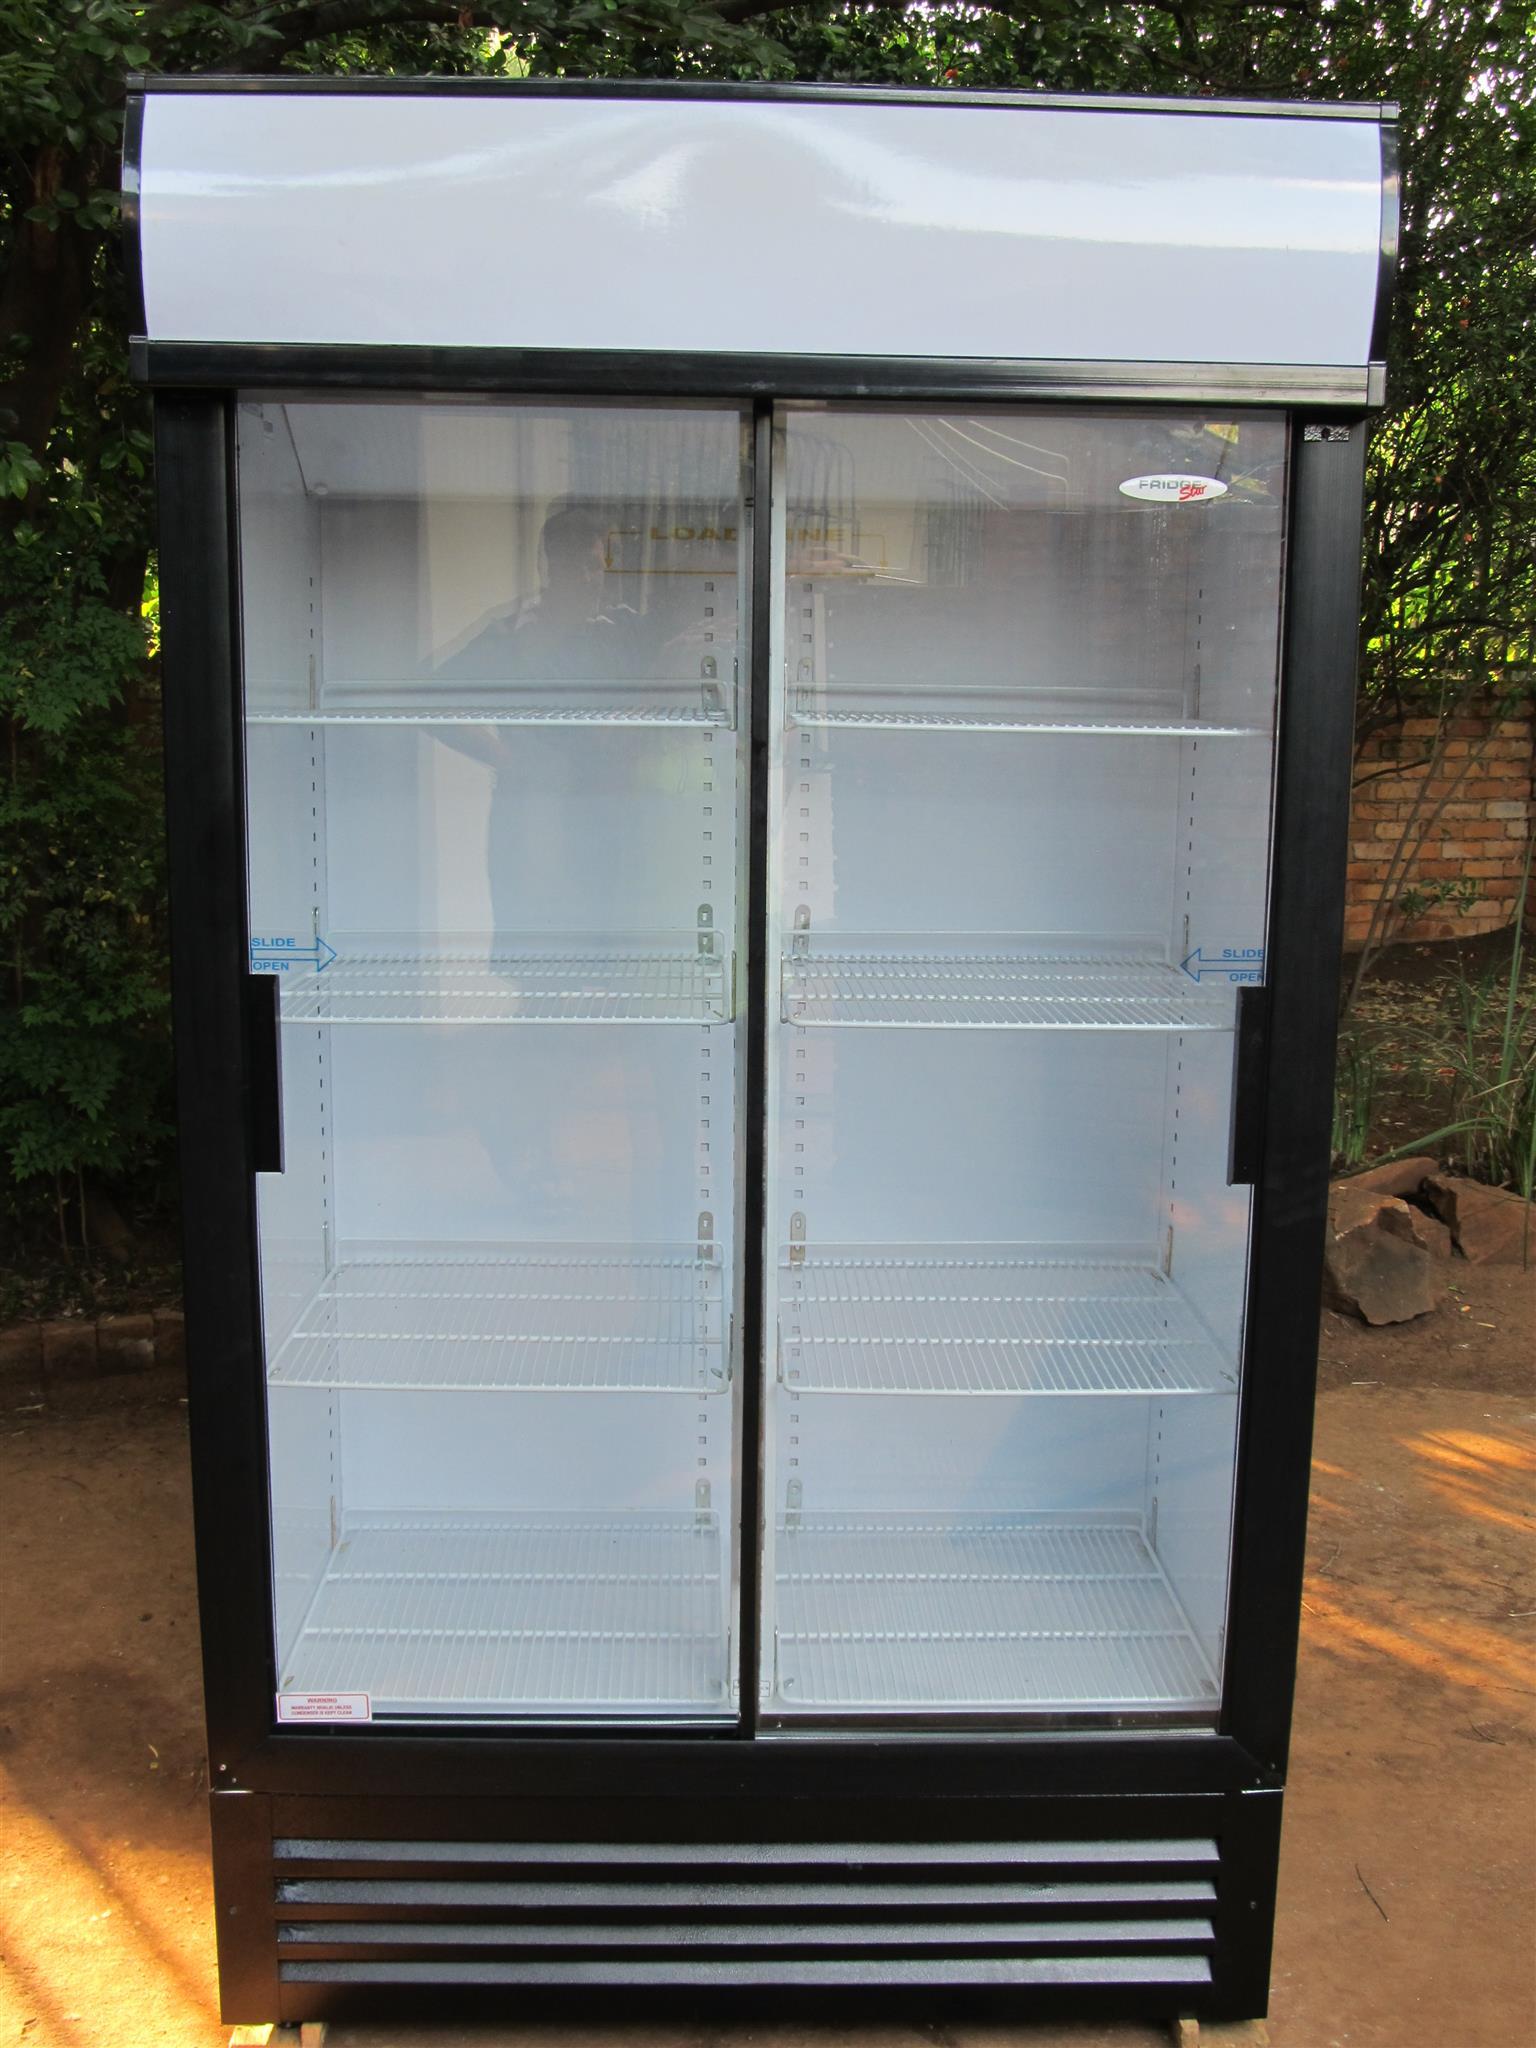 Double sliding door display fridge 750L | Junk Mail